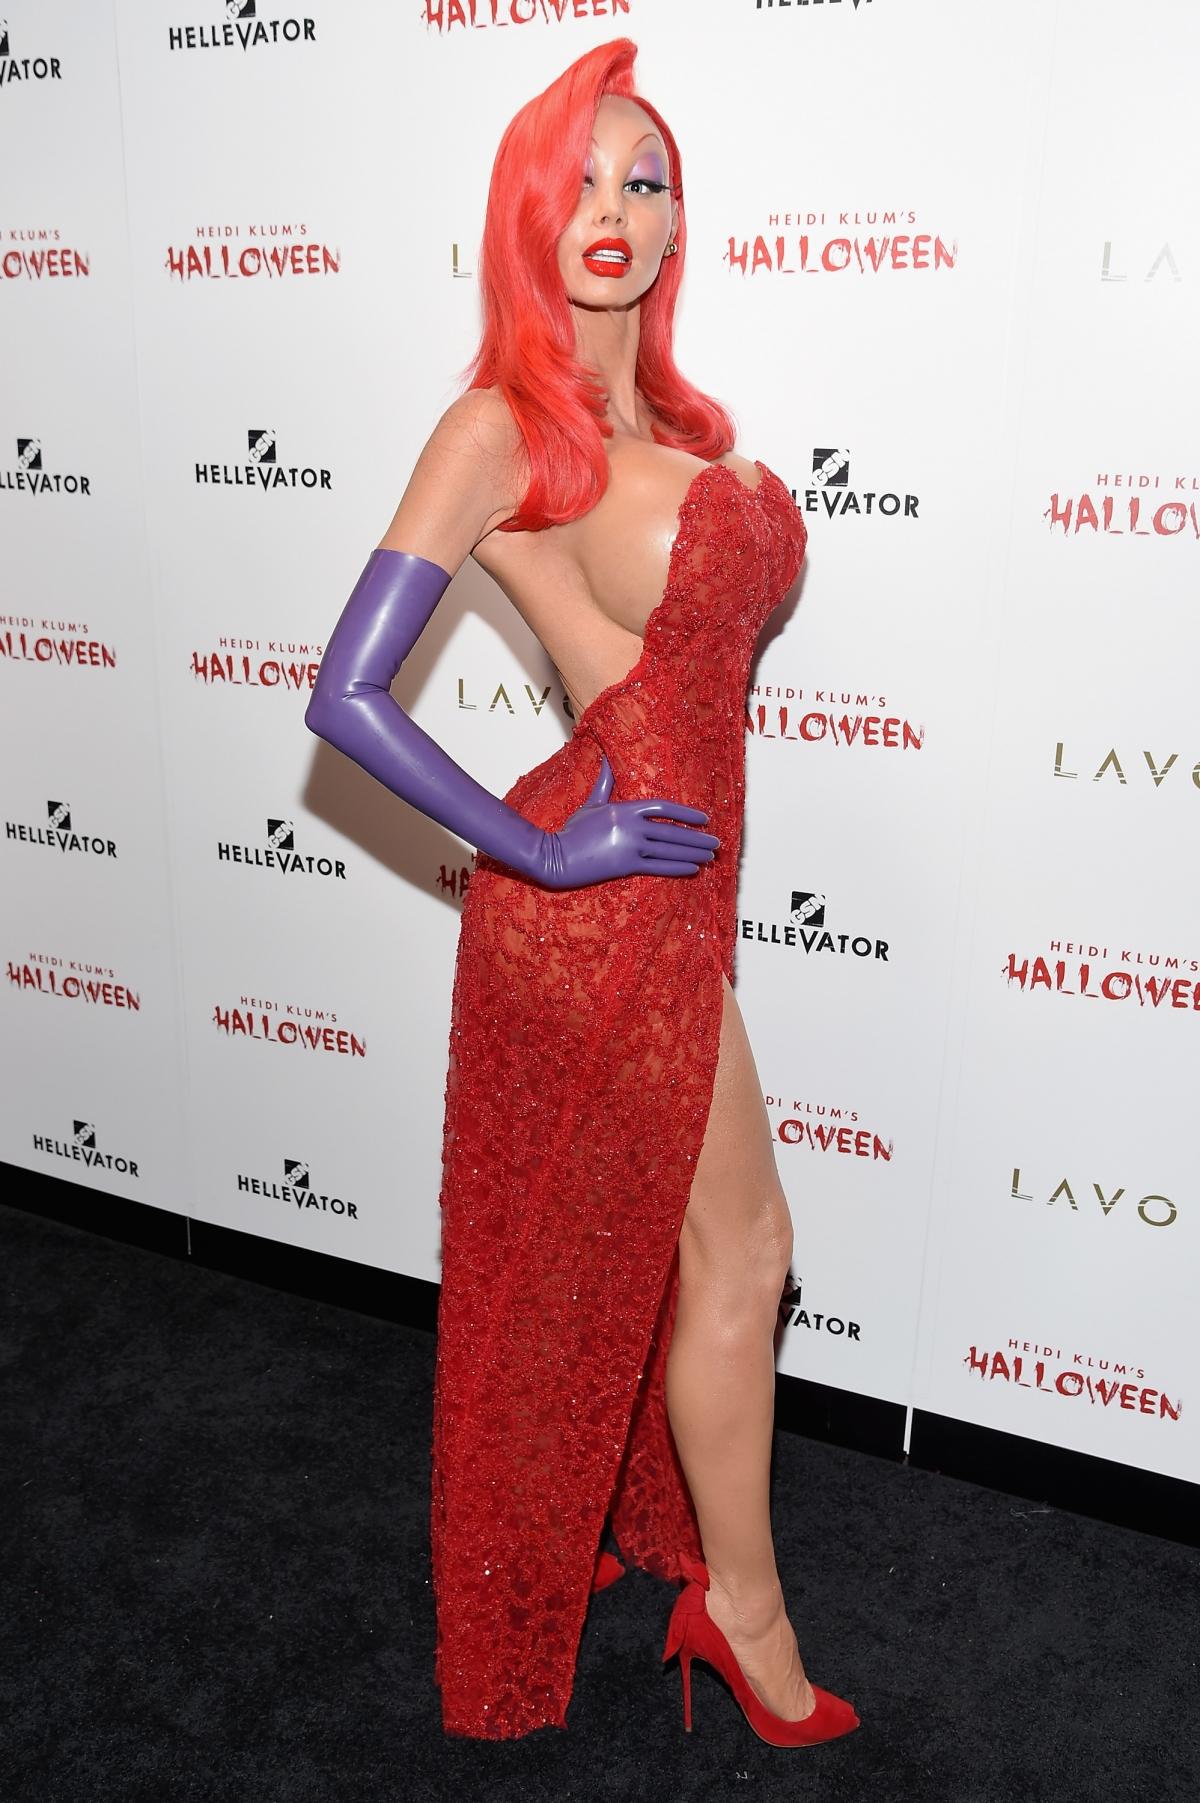 Halloween 2016: Heidi Klum and her five clones wear nude bodysuit ...